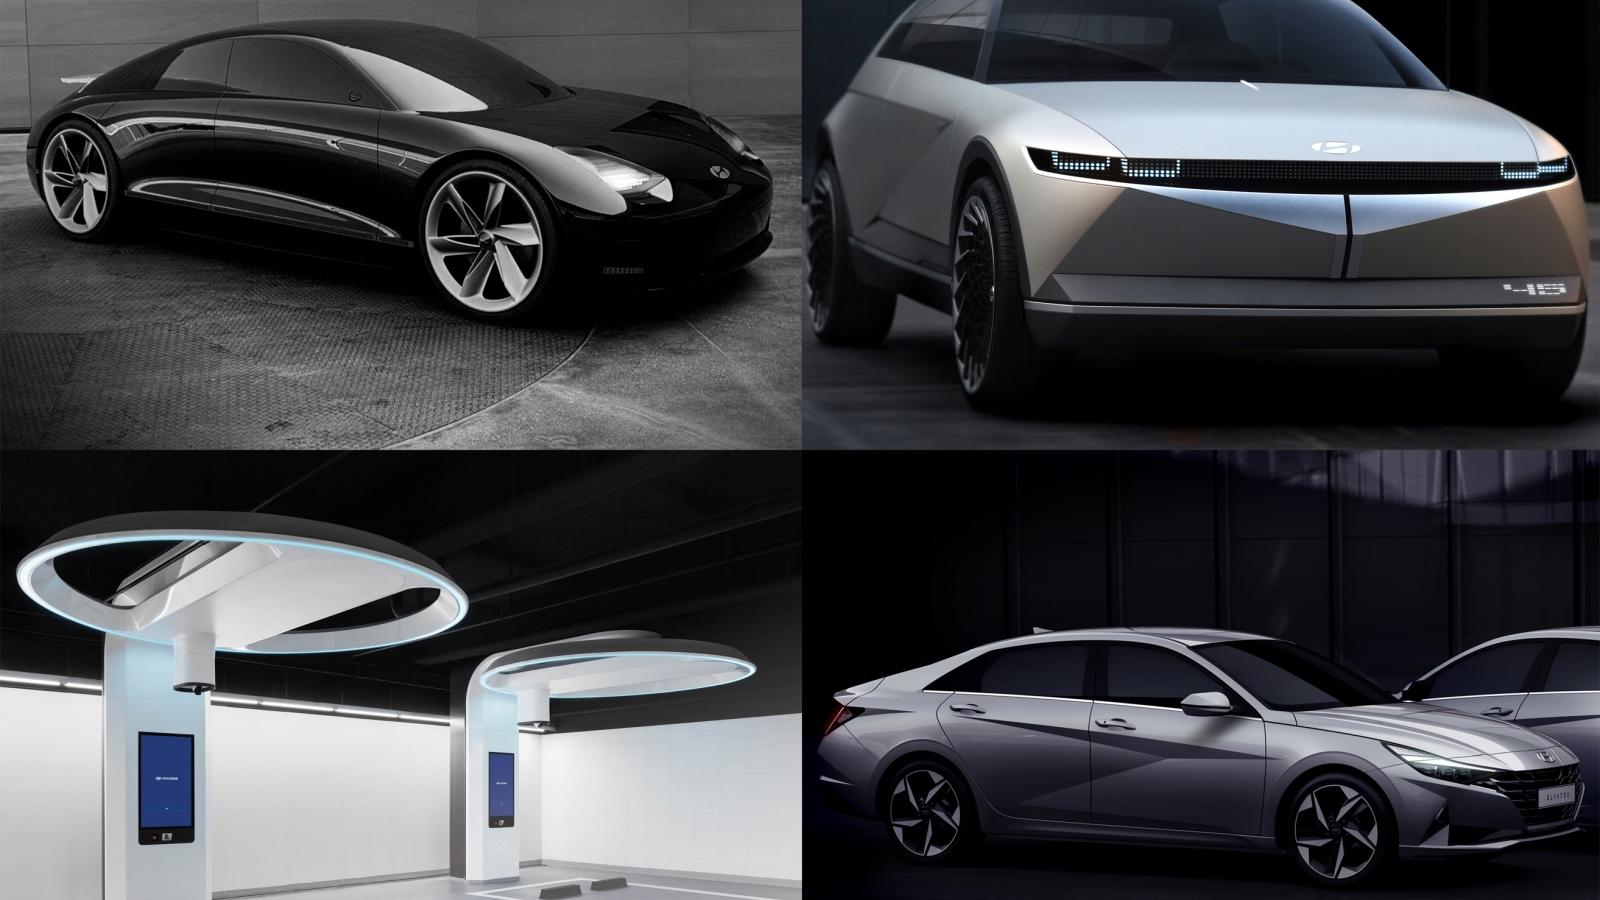 Giải thưởng thiết kế đẹp gọi tên Hyundai, Genesis và Kia